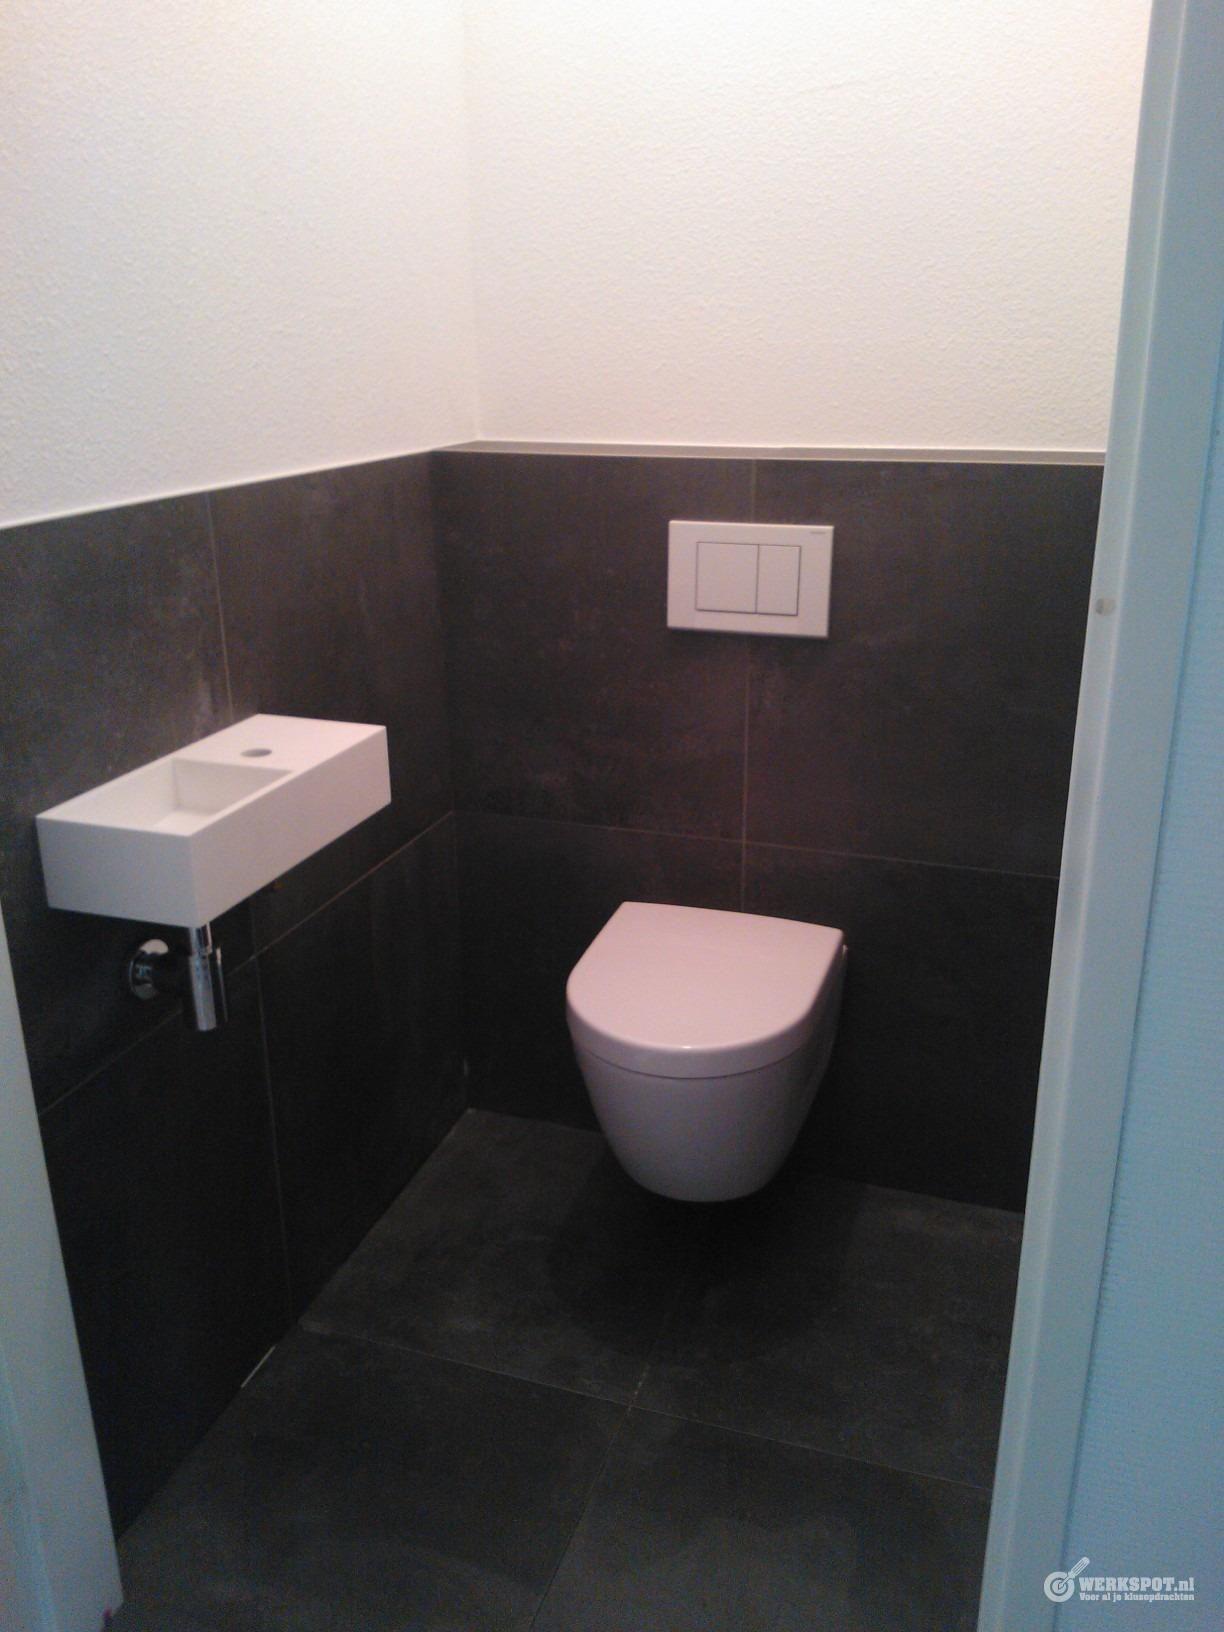 installeren van badkamer en toilet Assen | Toilet | Pinterest ...